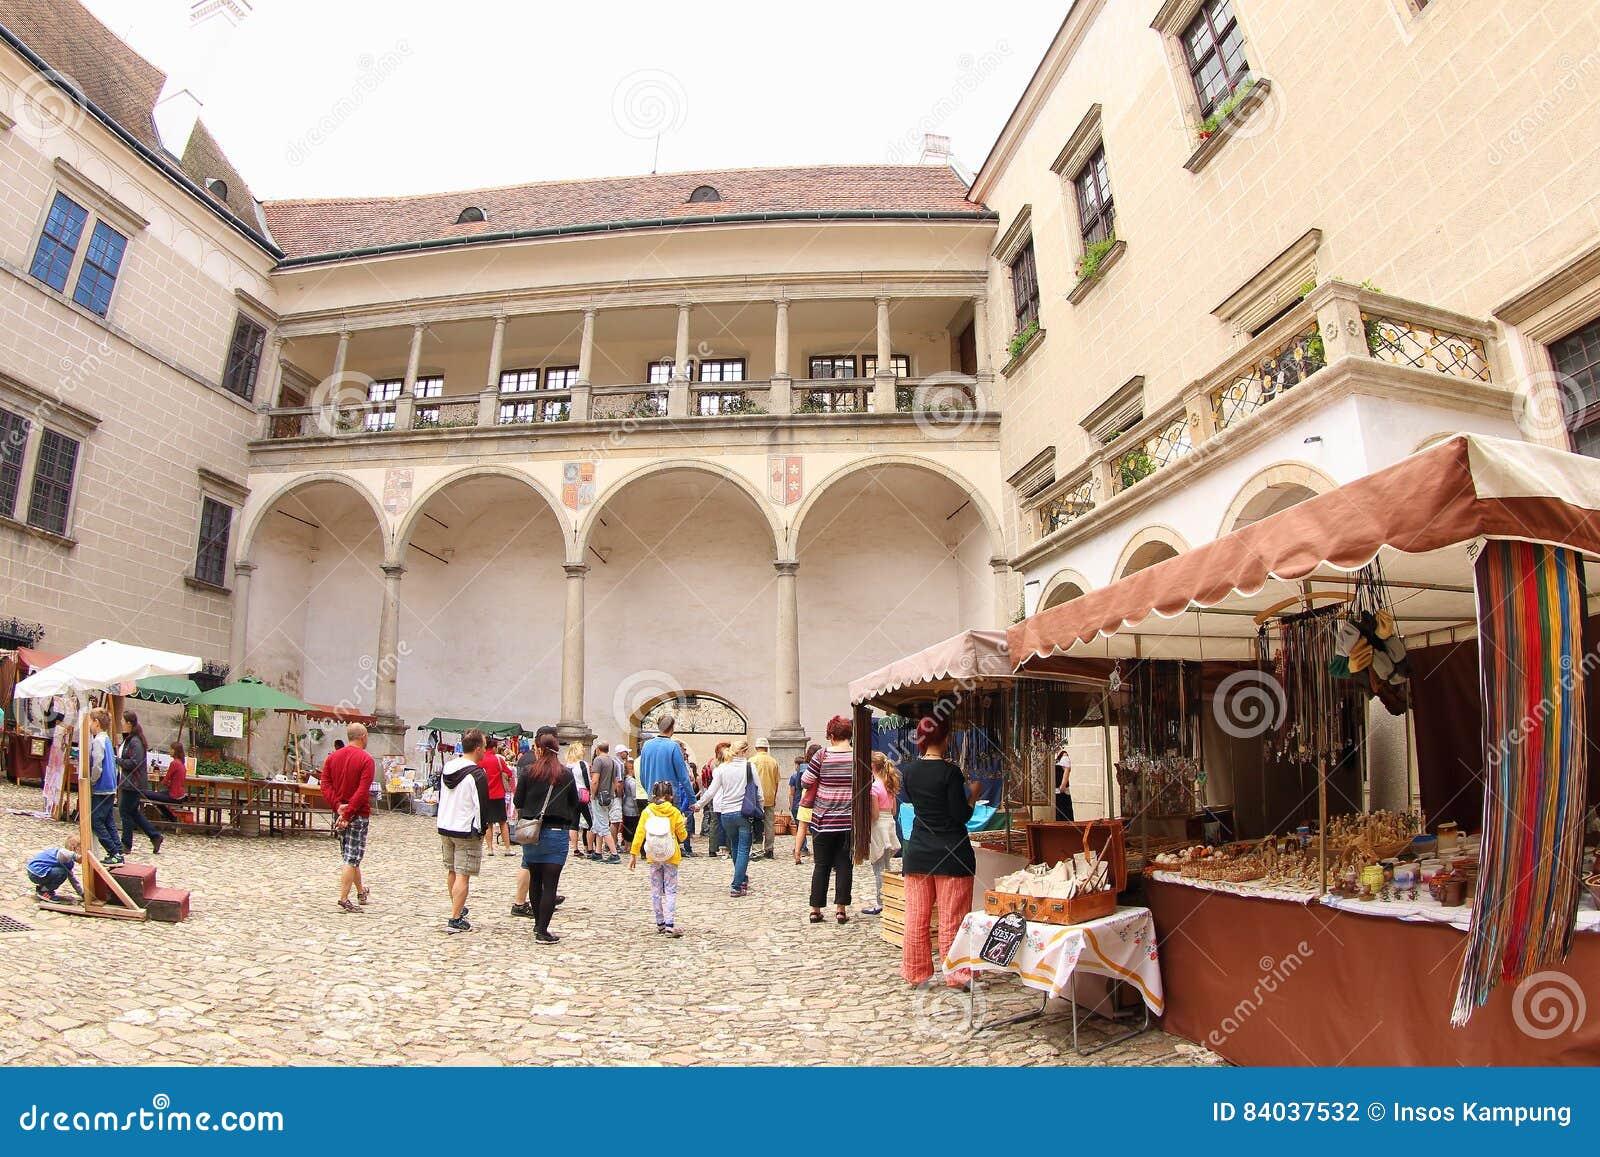 Market at Telc Castle, Czech Republic